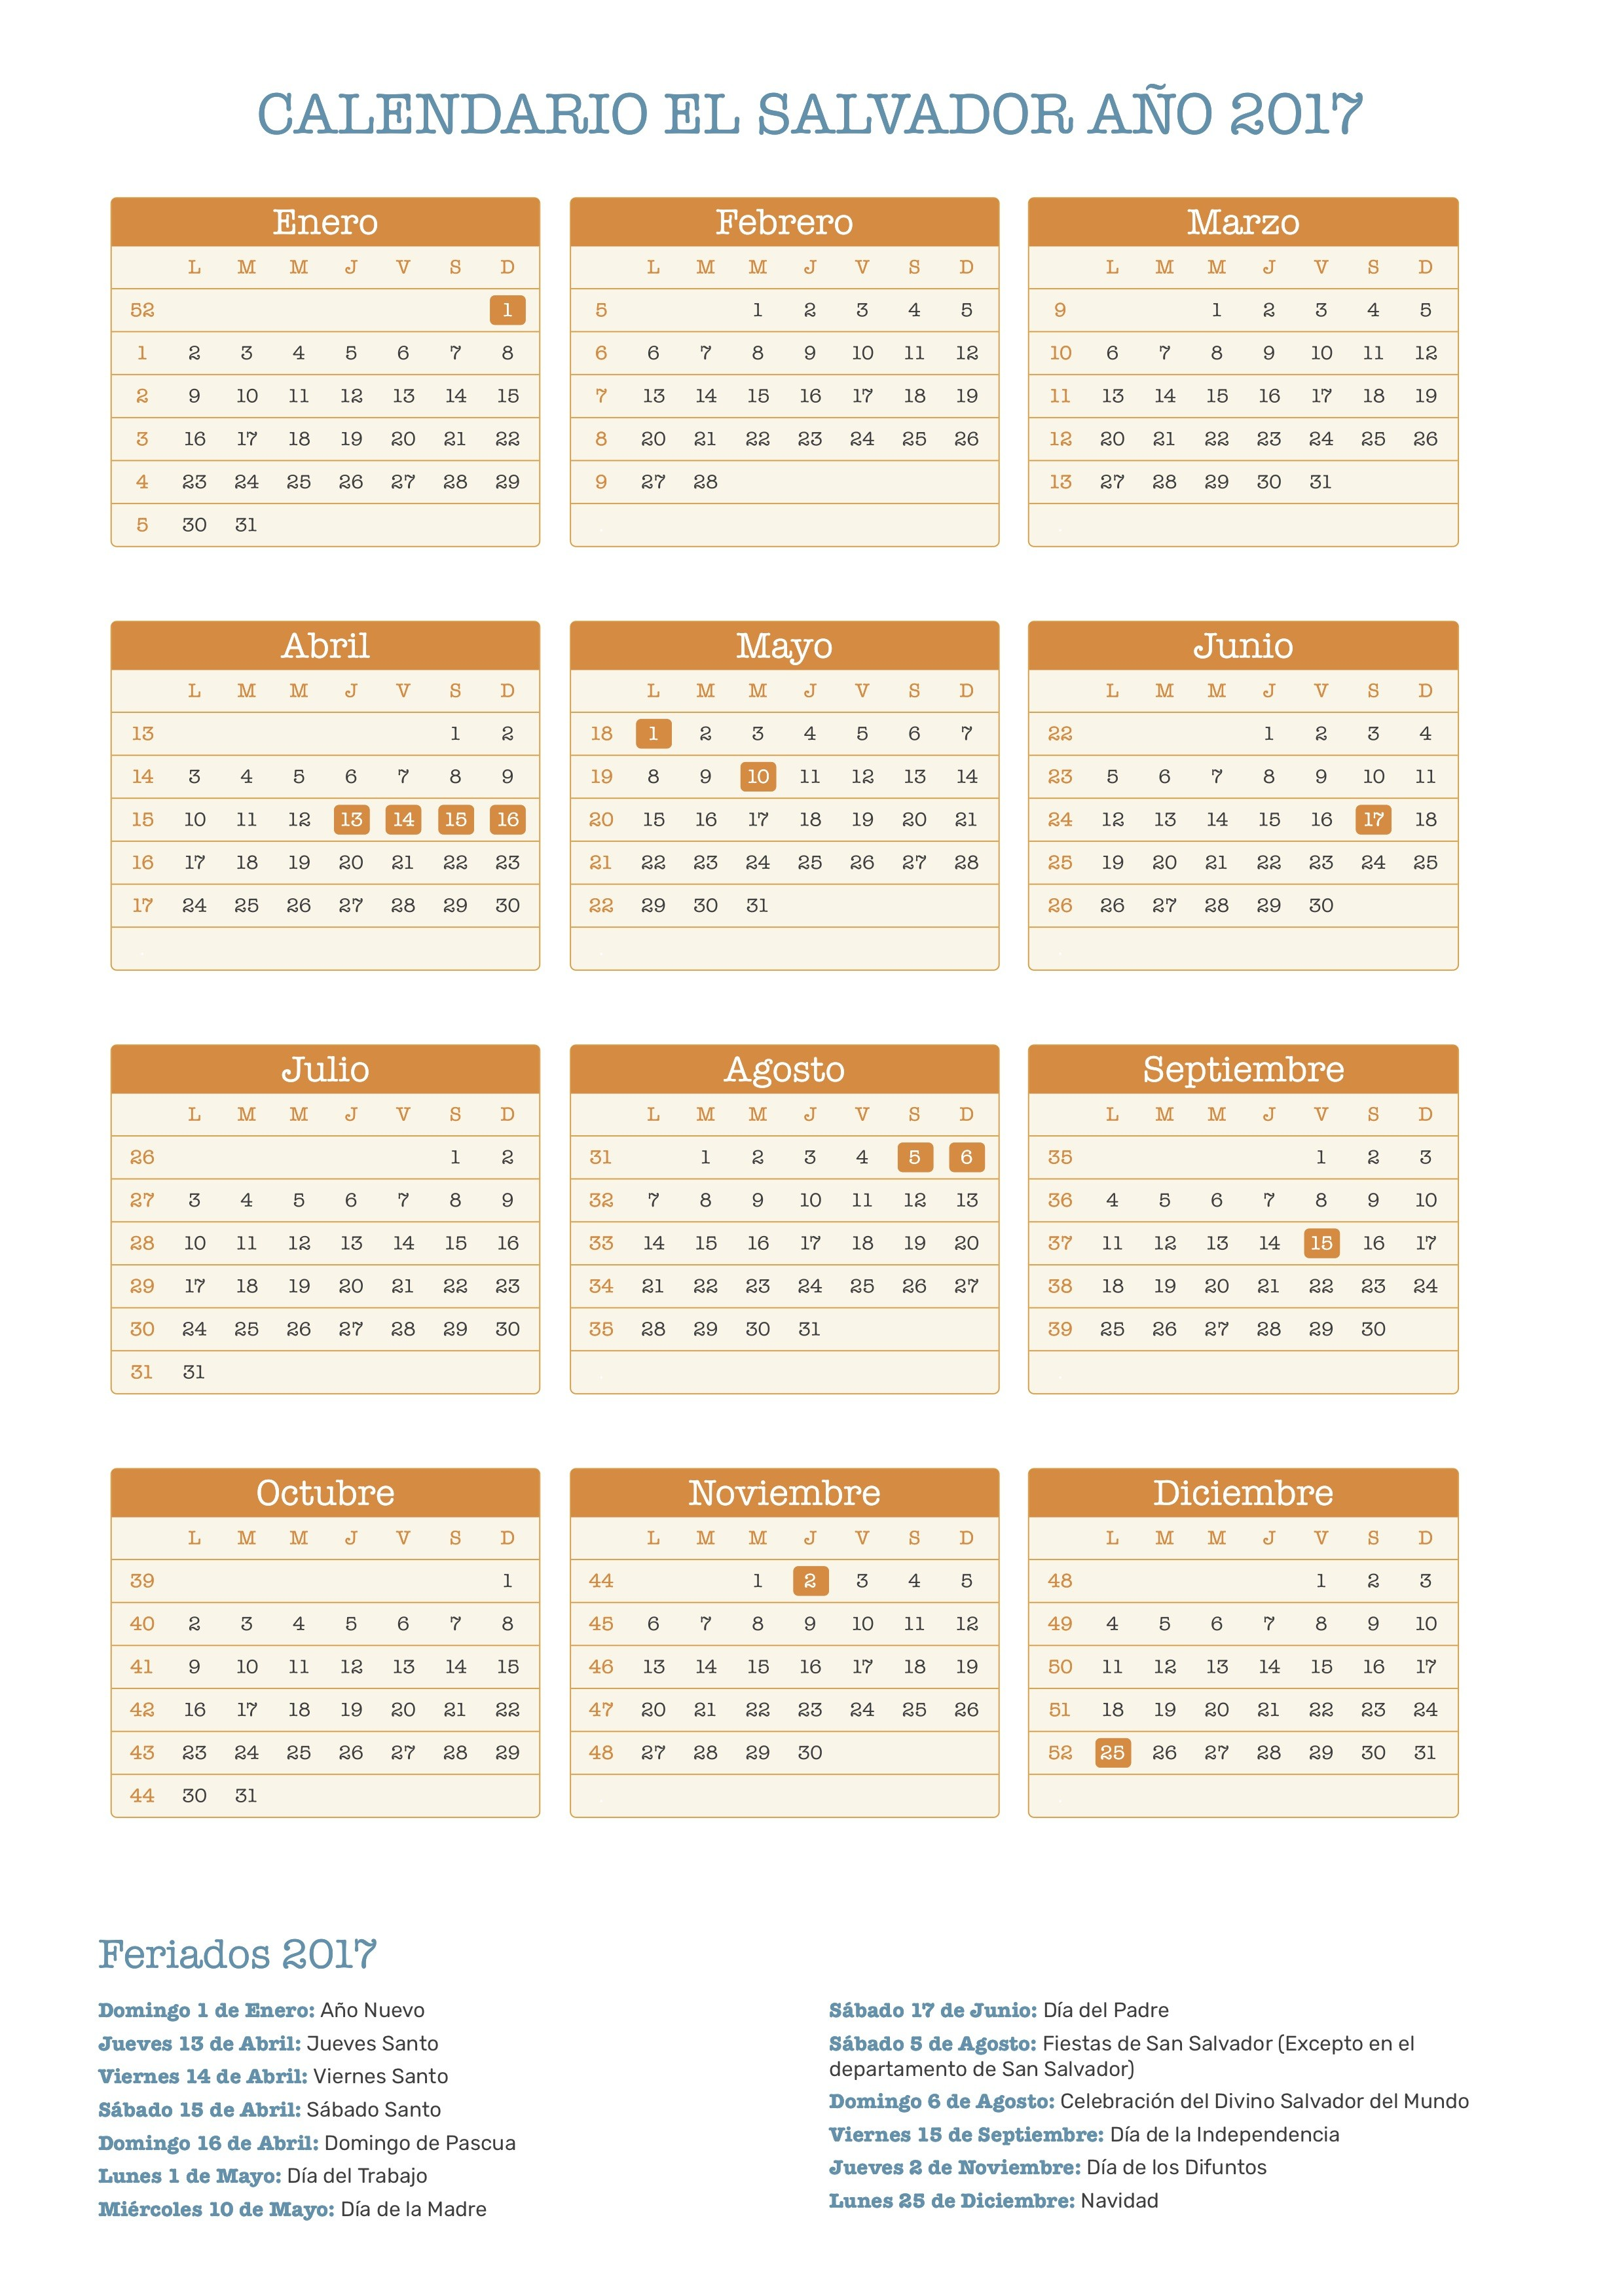 Calendario El Salvador 2017